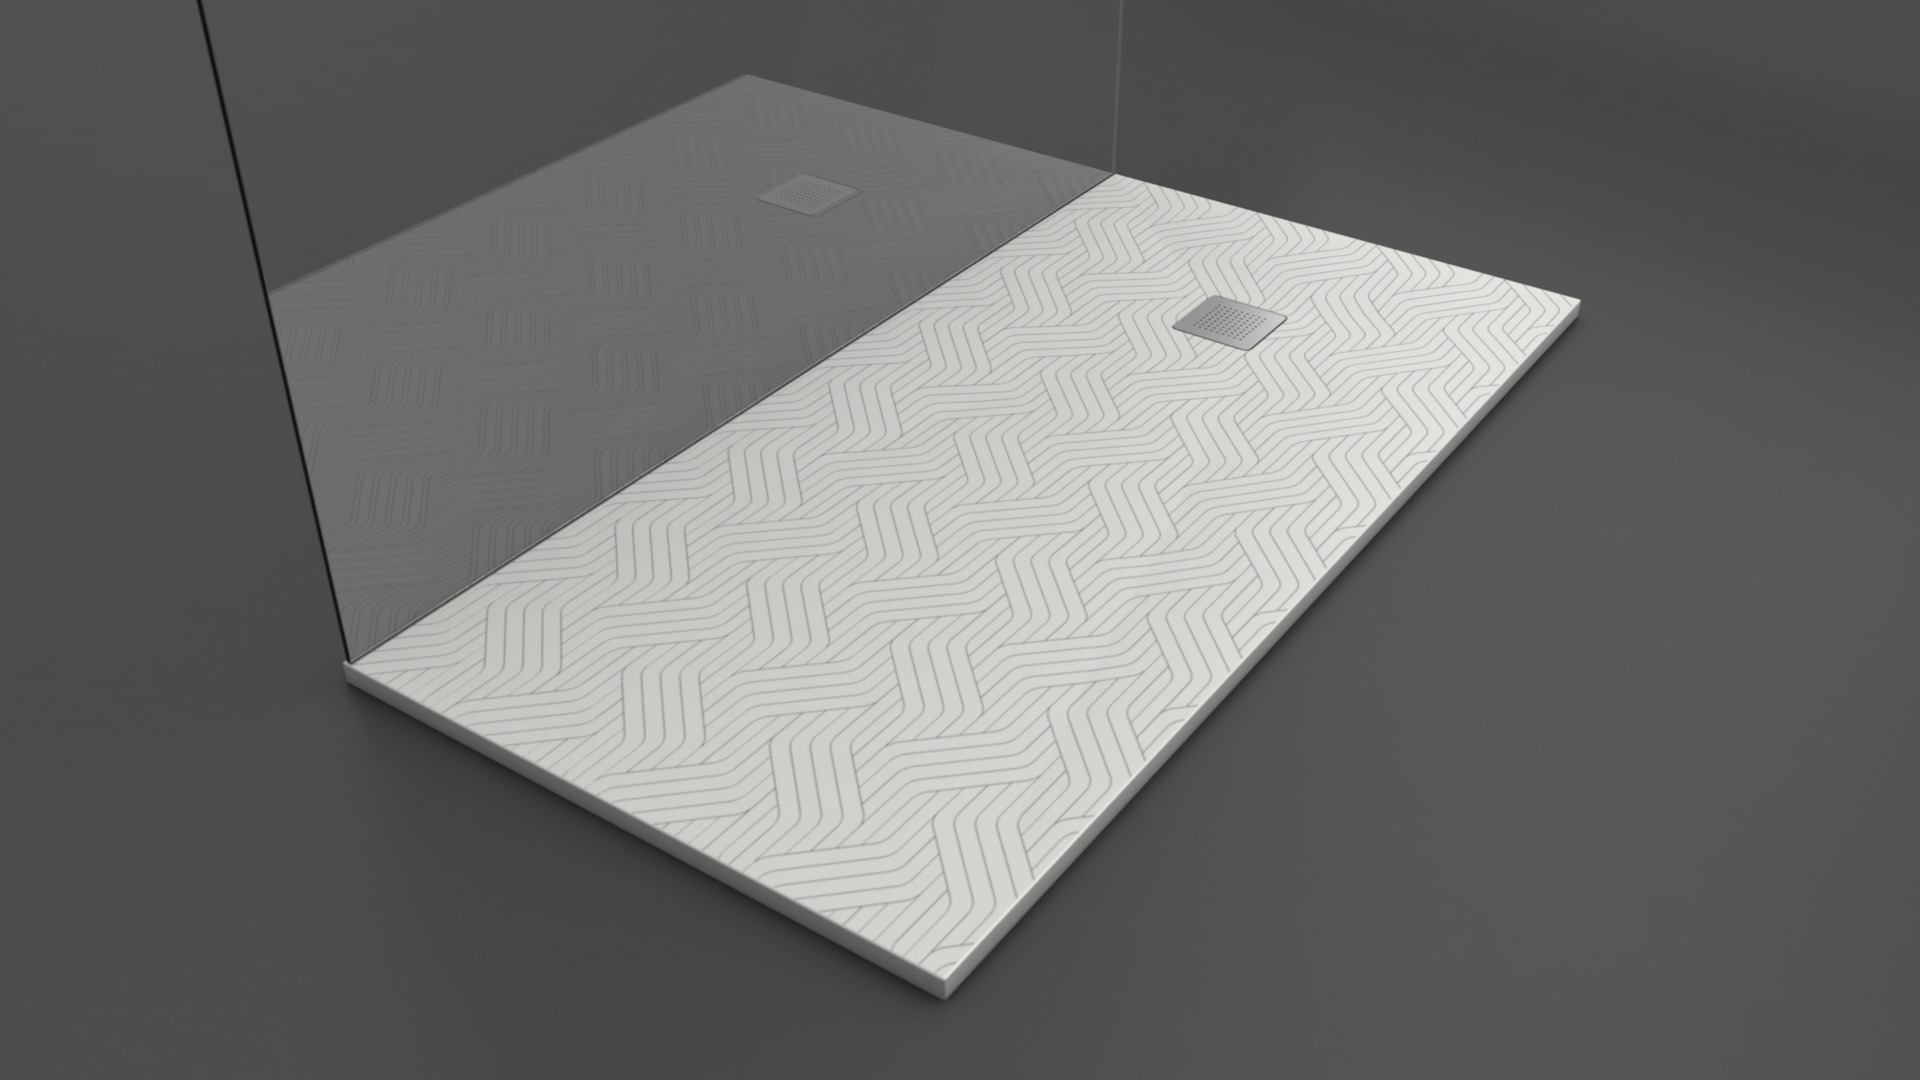 Texence Square - Plato de ducha con textura de trenzados